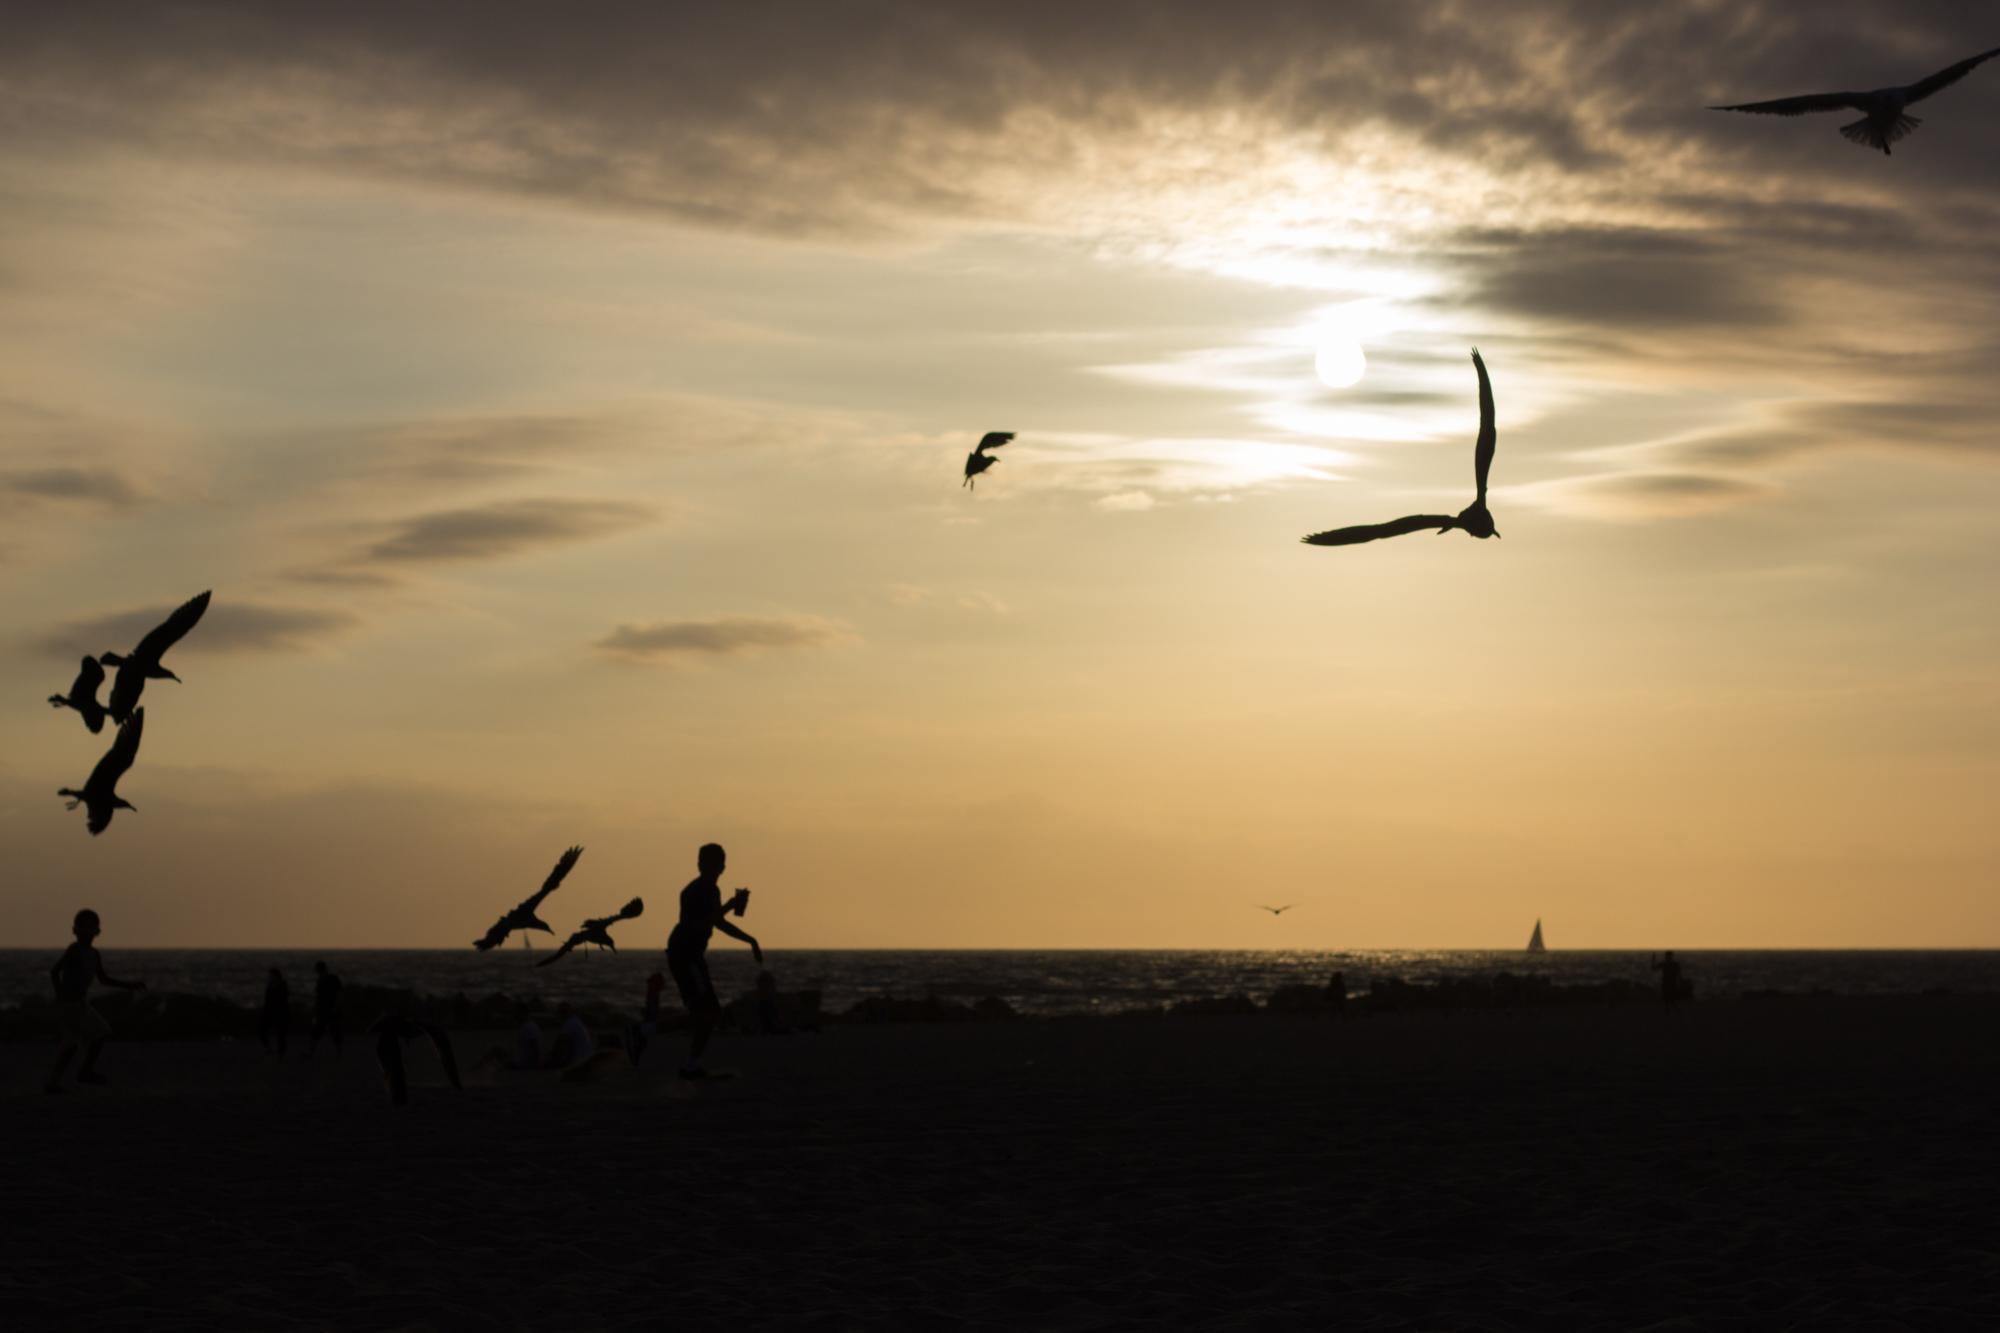 Fikk tatt fine bilder på stranden før solen gikk ned